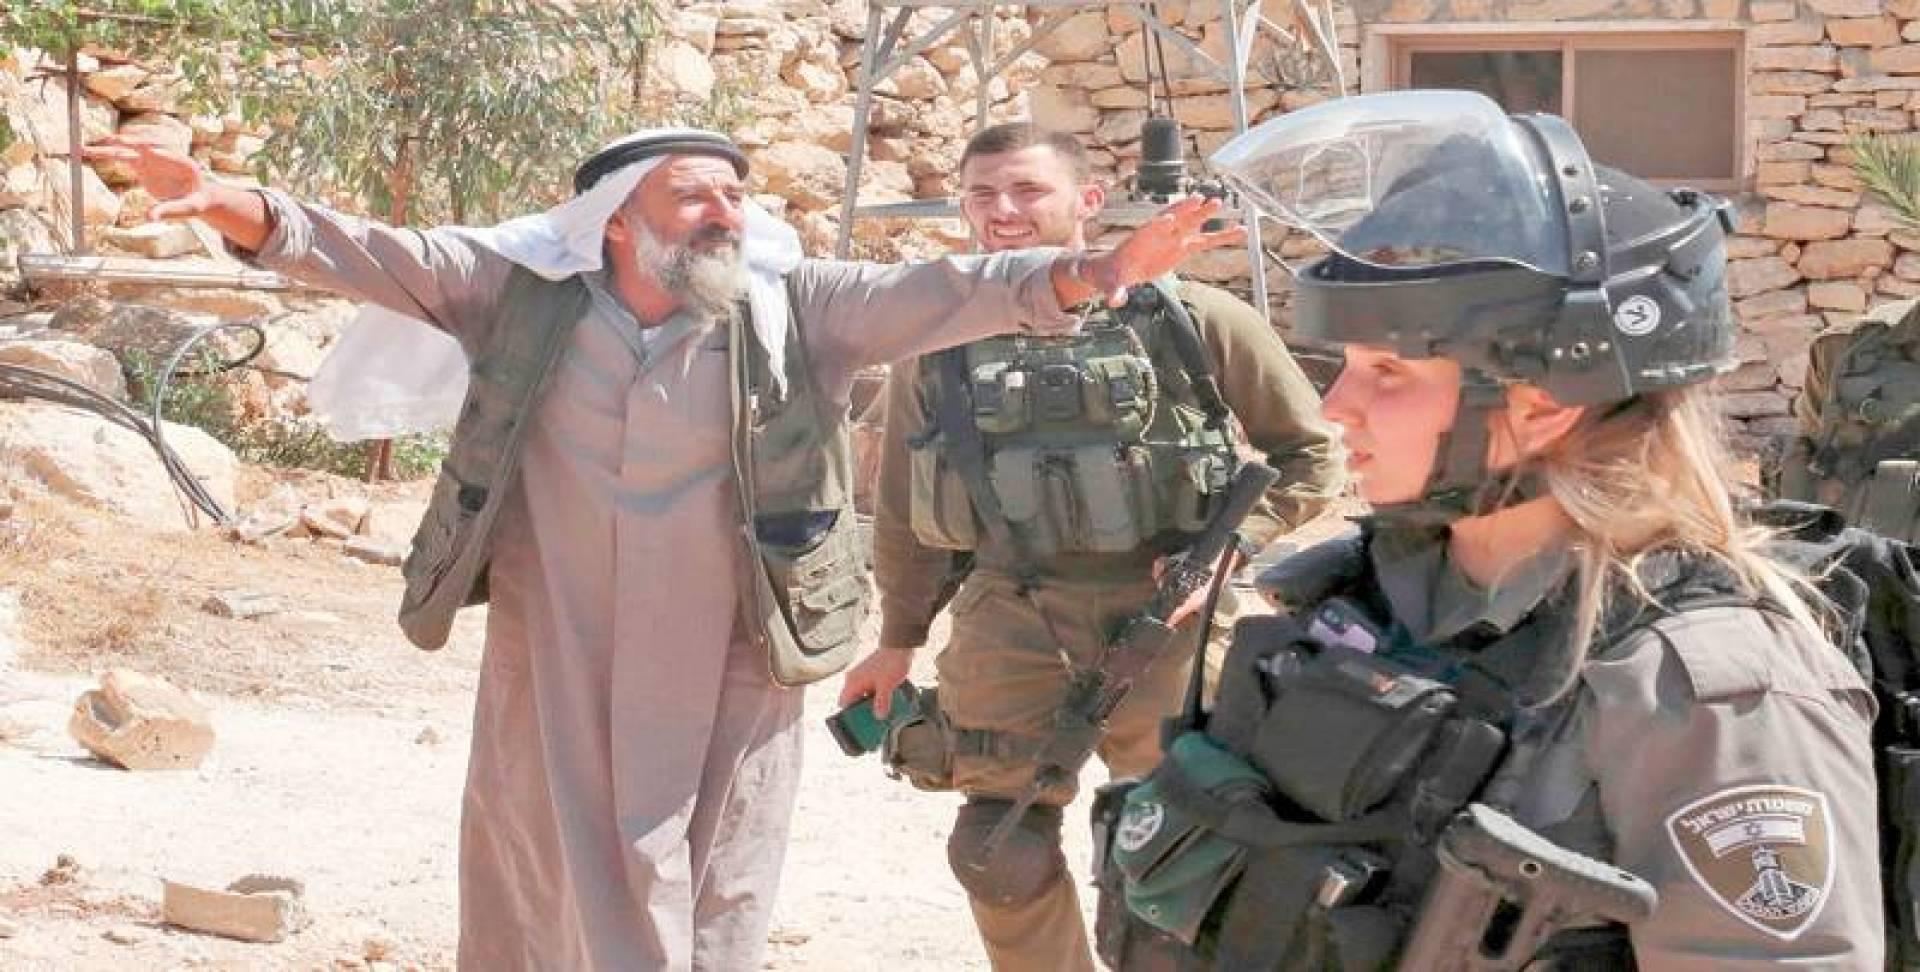 فلسطيني يحتجّ على الجنود الإسرائيليين أثناء هدم منازل متنقلة فلسطينية بُنيت بتمويل من الاتحاد الأوروبي في قرية جنوب يطا بالقرب من الخليل في الضفة الغربية المحتلة   أ.ف.ب